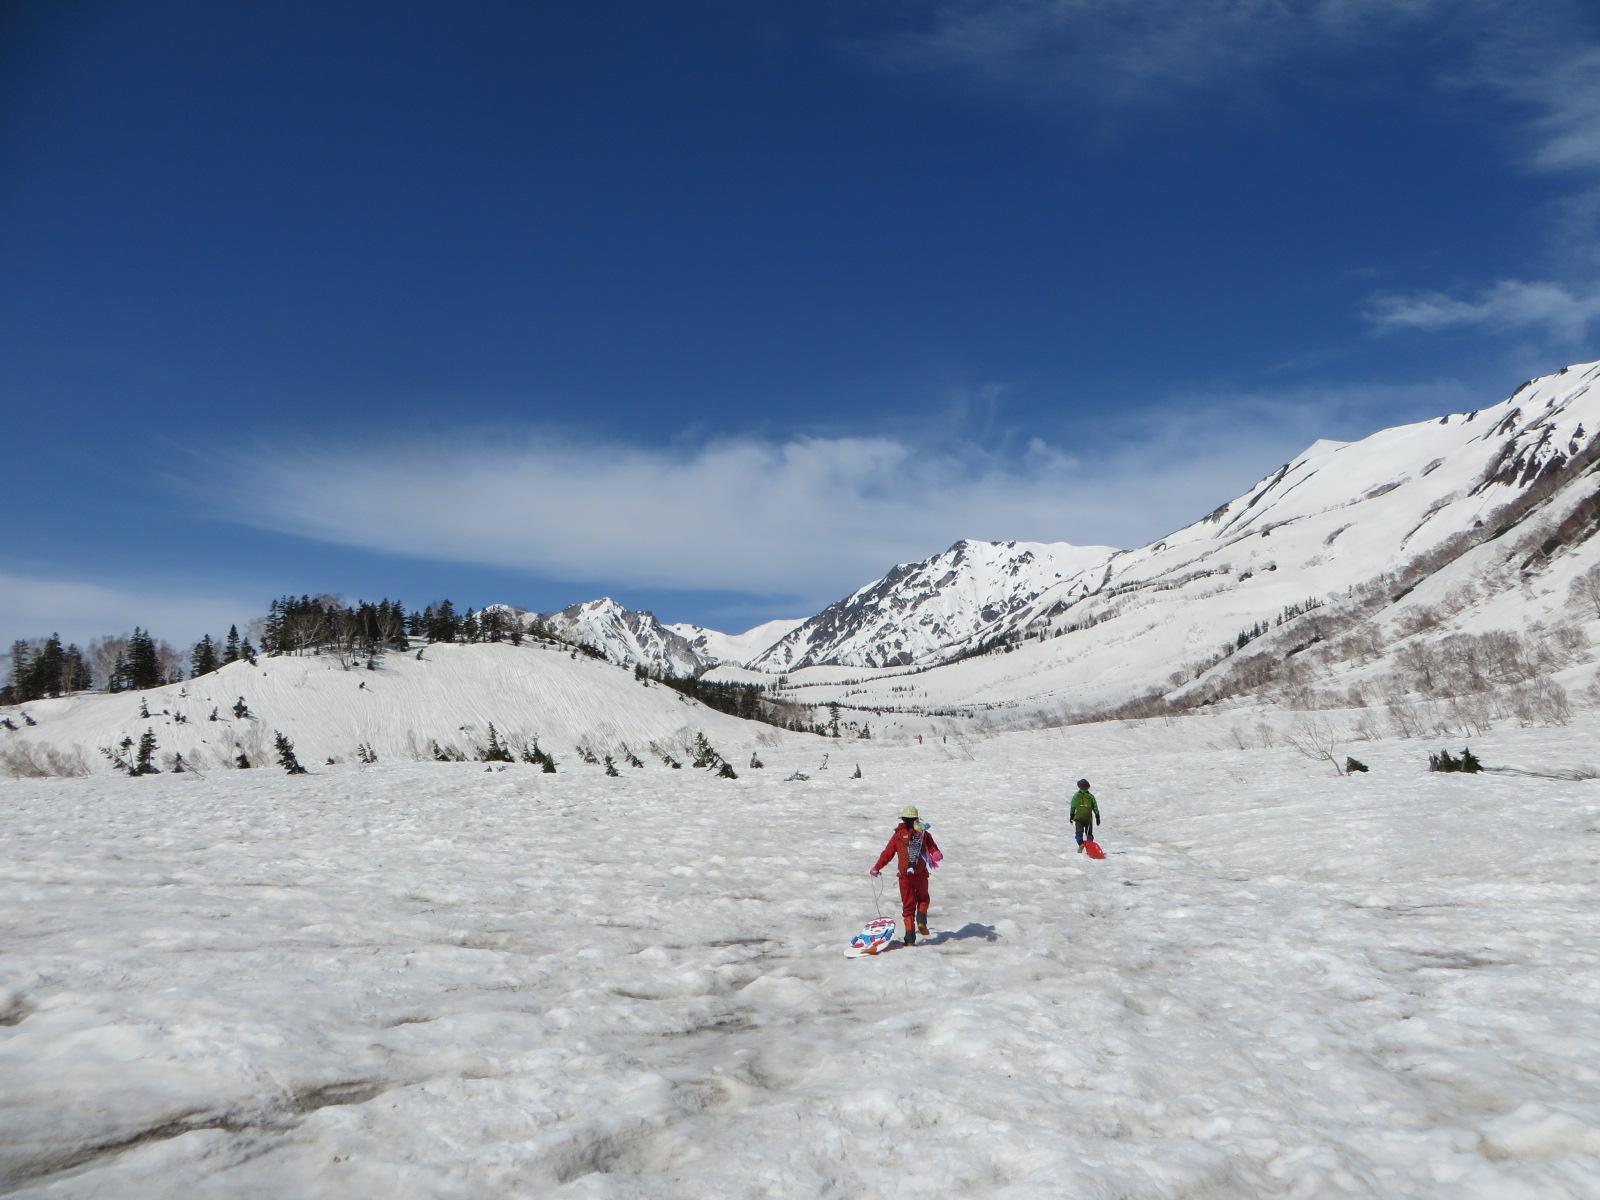 残雪の北アルプス◎栂池ヒュッテに宿泊して大絶景で雪遊び三昧